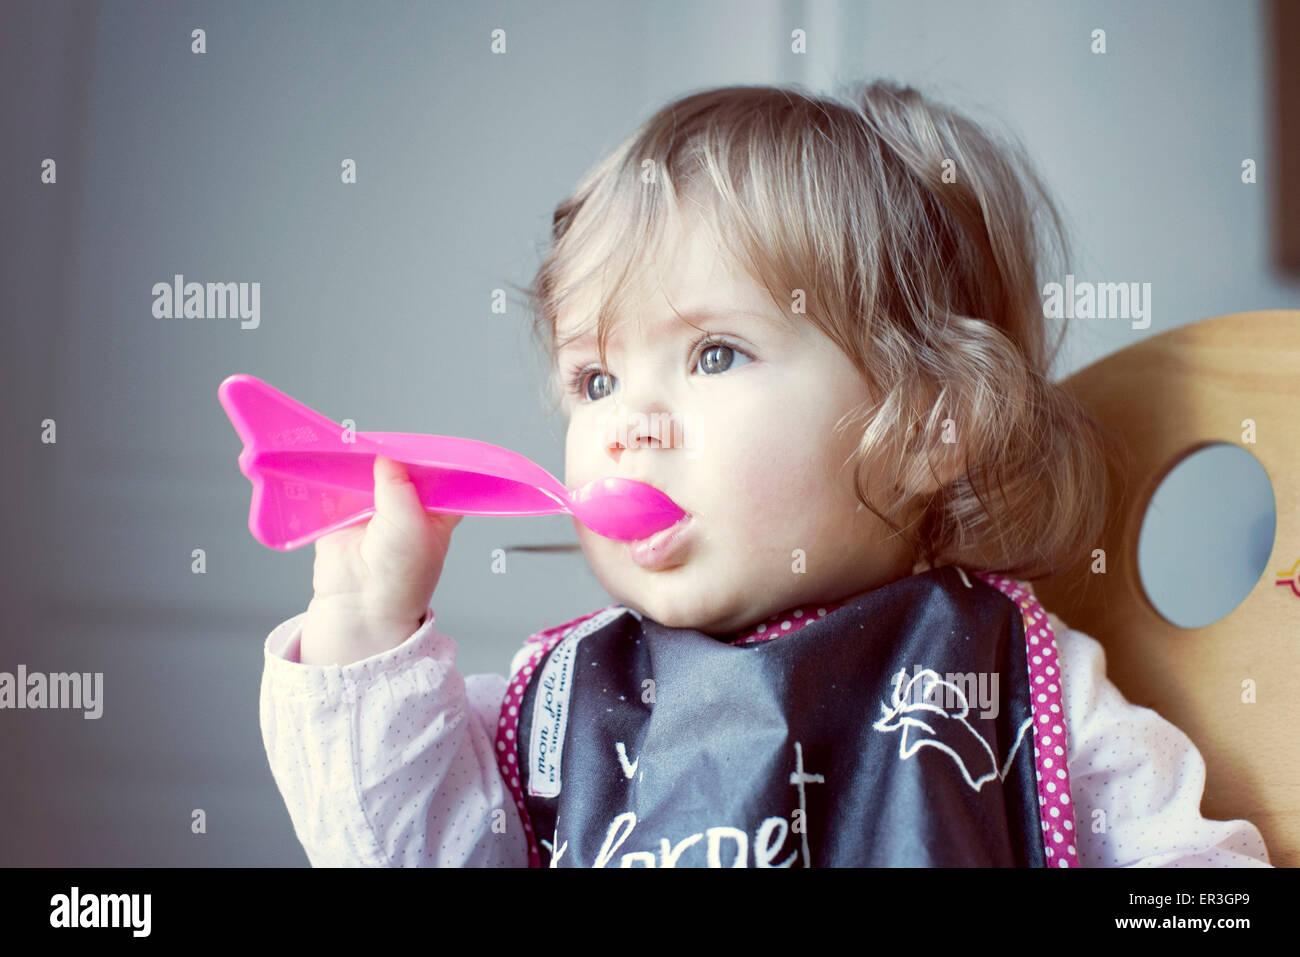 Baby girl alimentare se stessa Immagini Stock